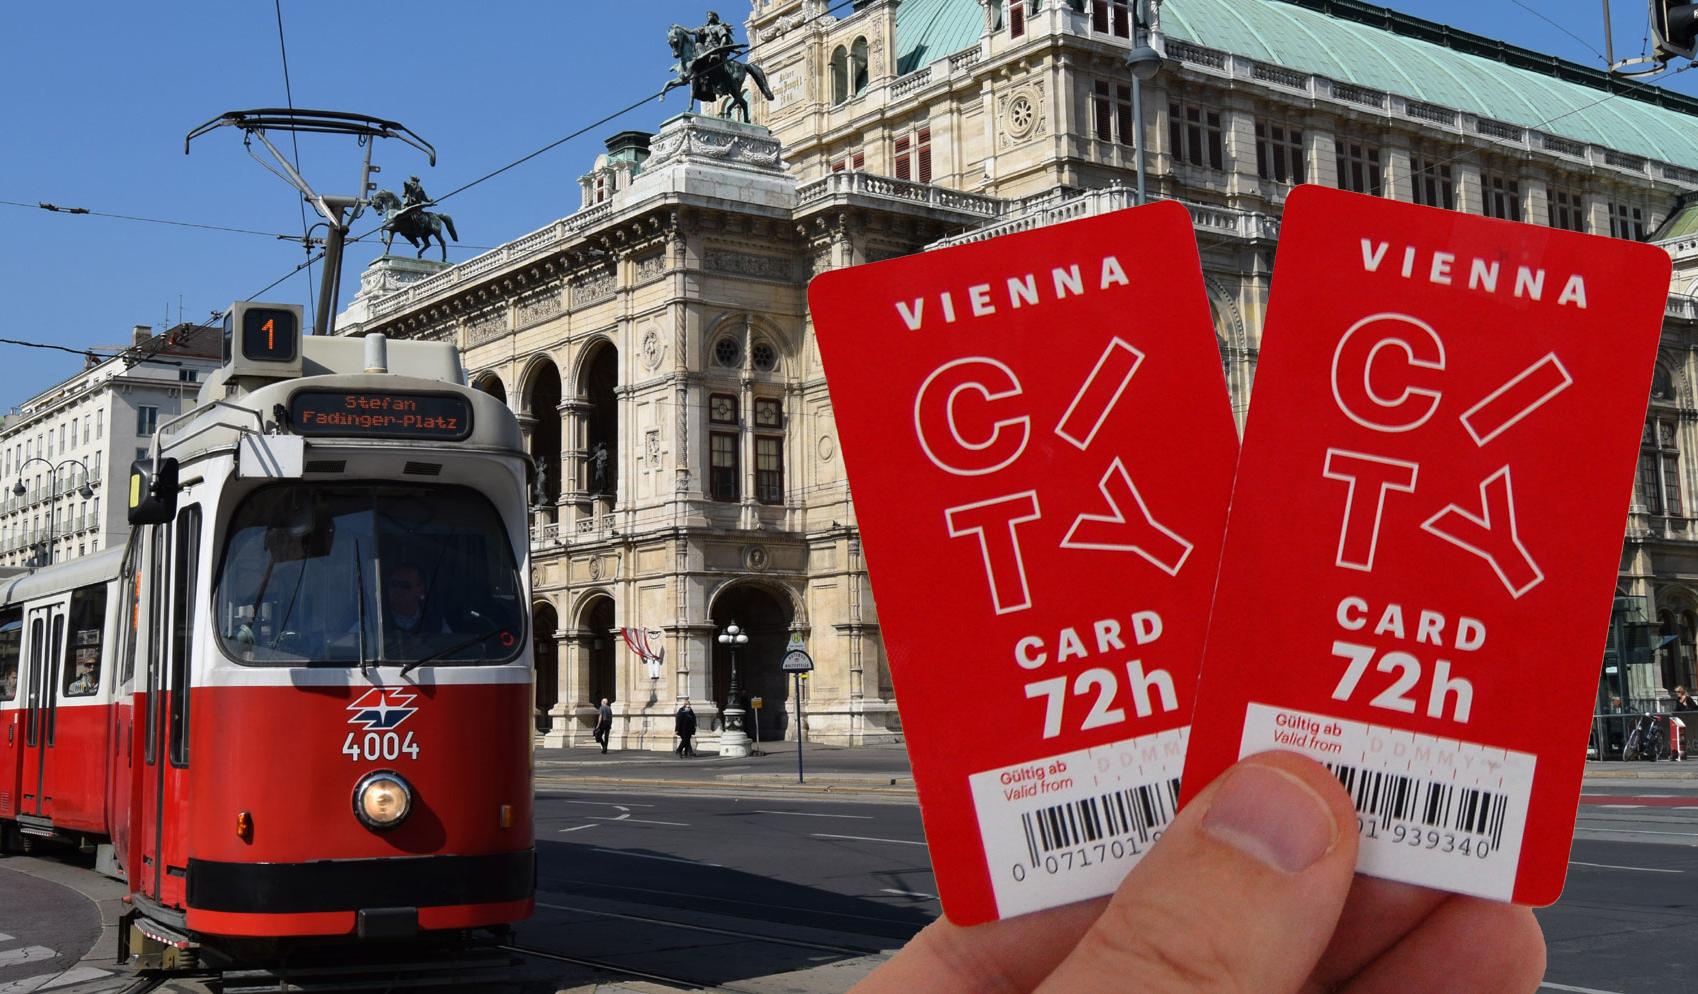 Бесплатный проезд в муниципальном транспорте